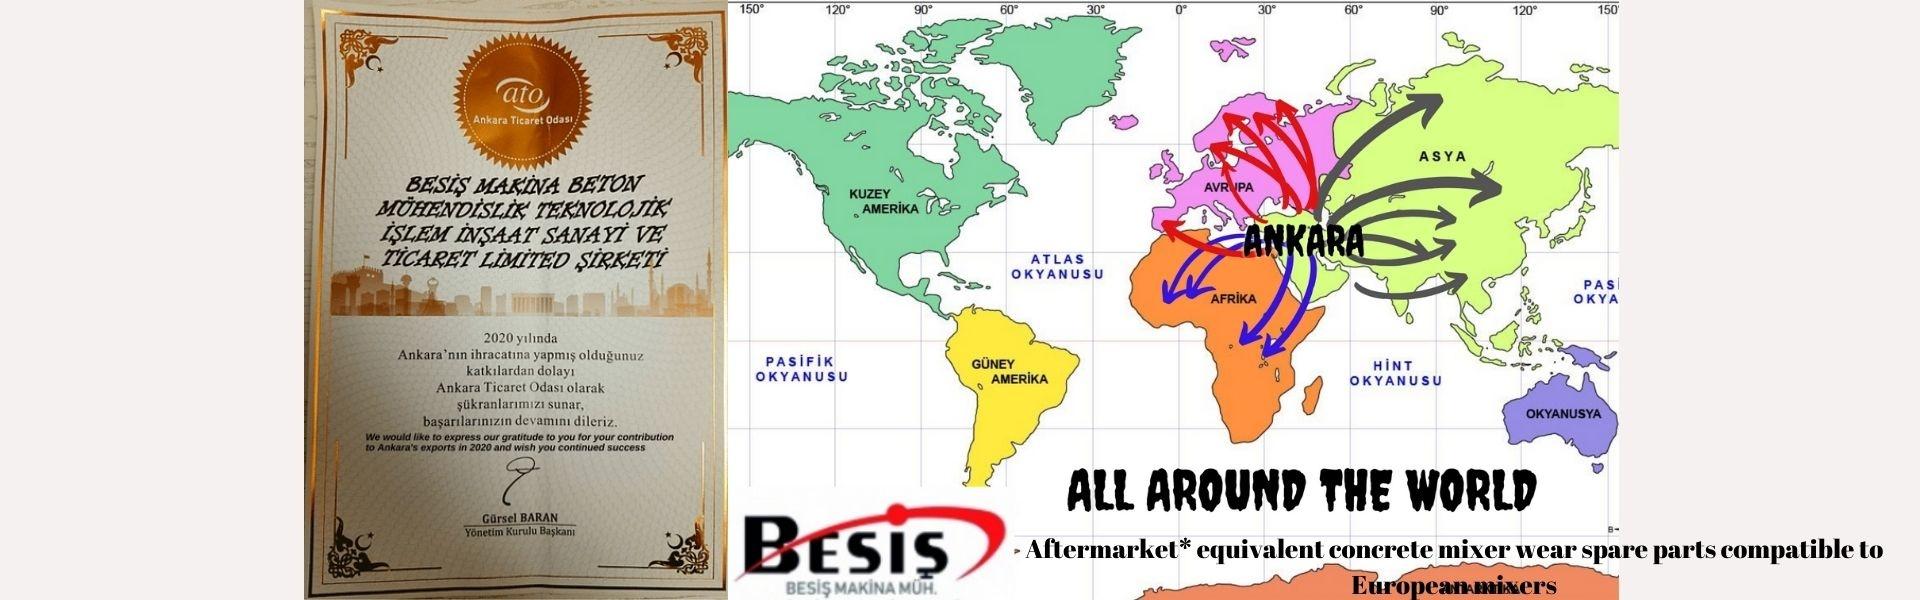 Besis Makina 2020 Ankara Ihracatında teşekkür belgesi aldı.